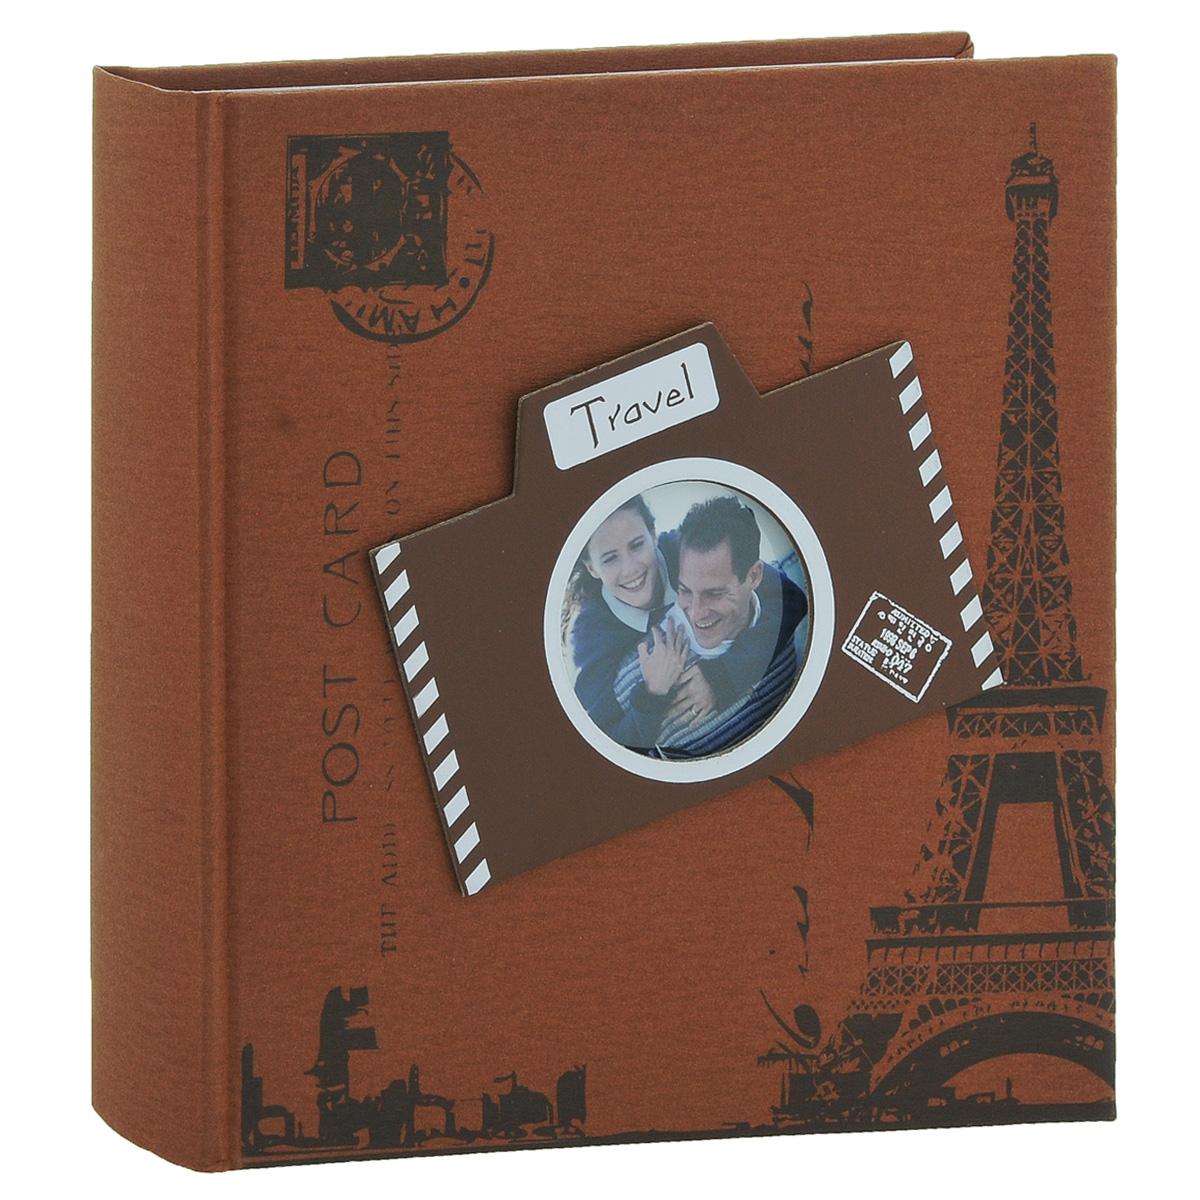 Фотоальбом Image Art Travel Abroad, 200 фотографий, цвет: коричнево-красный, 10 x 15 см